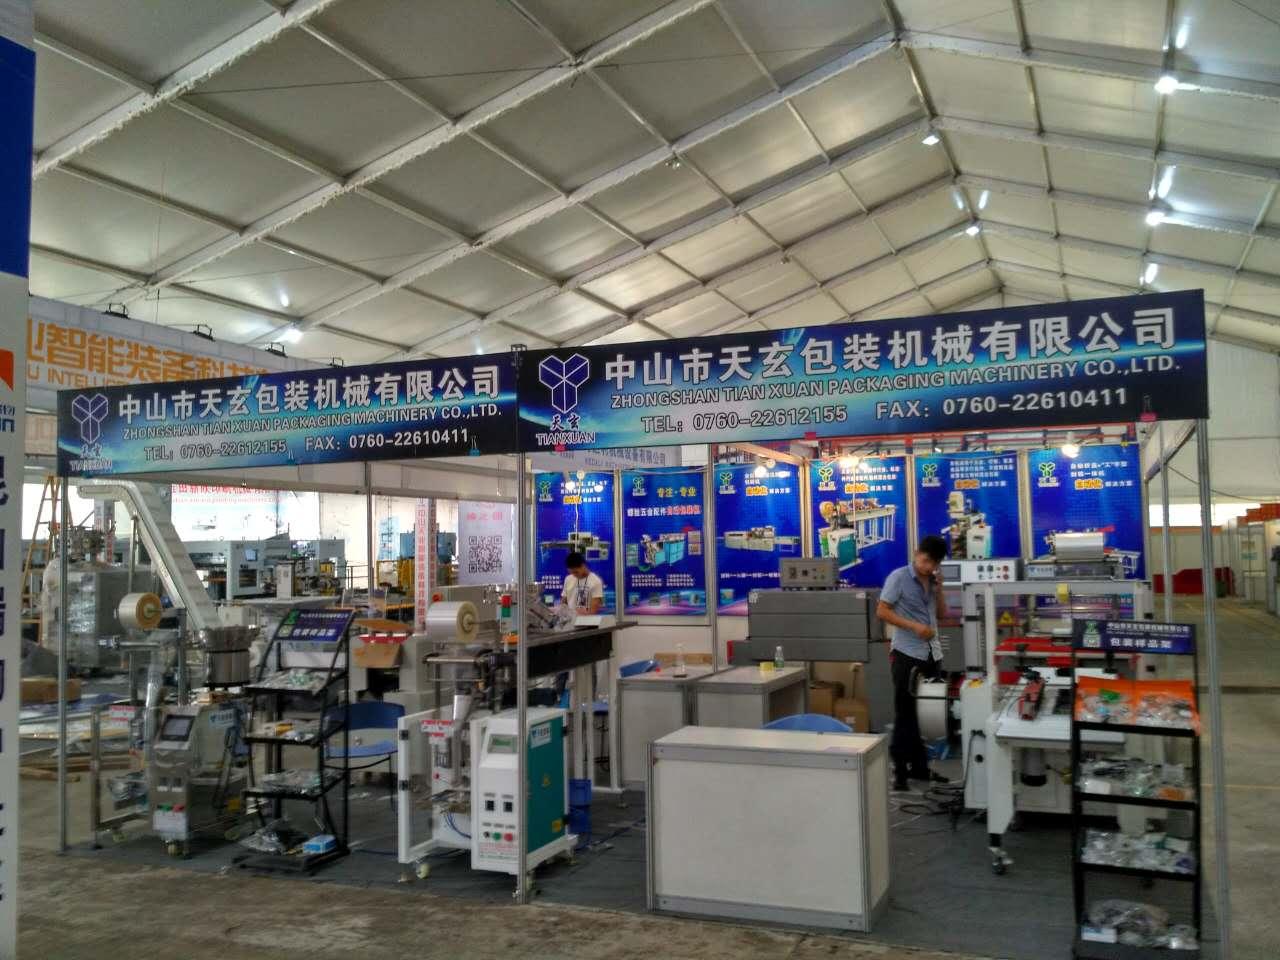 中山市天玄包装机械有限公司_才通国际人才网_job001.cn